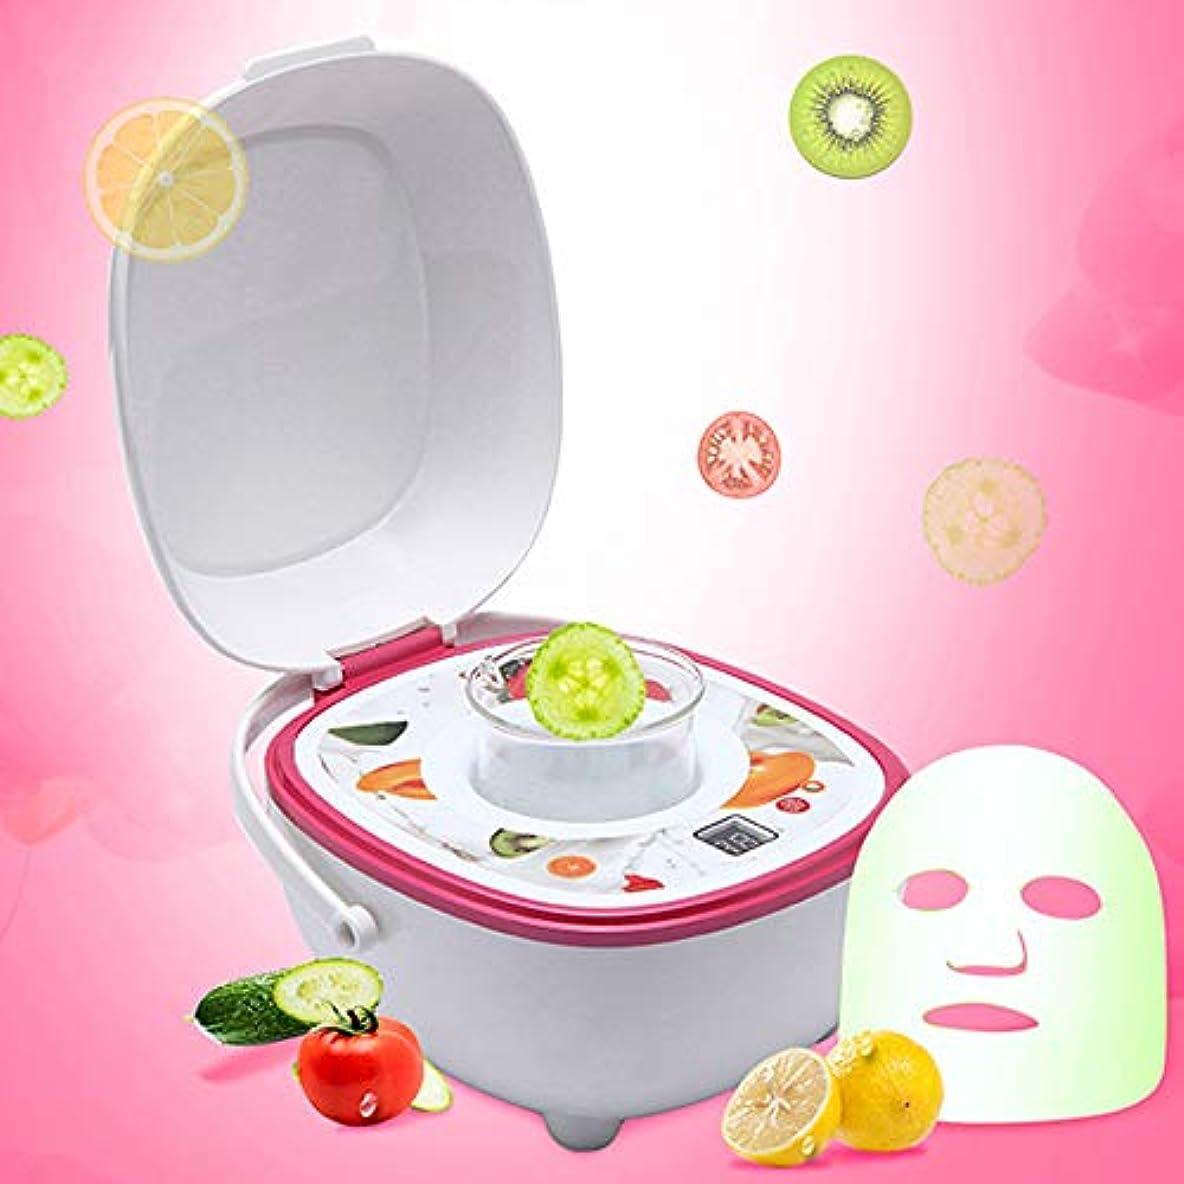 中国所有権同情的DIY の顔のスキンケアマシン、マスク自動フルーツマシンマスク、野菜自然マスクとコラーゲン美容楽器ミニ蒸し顔,White